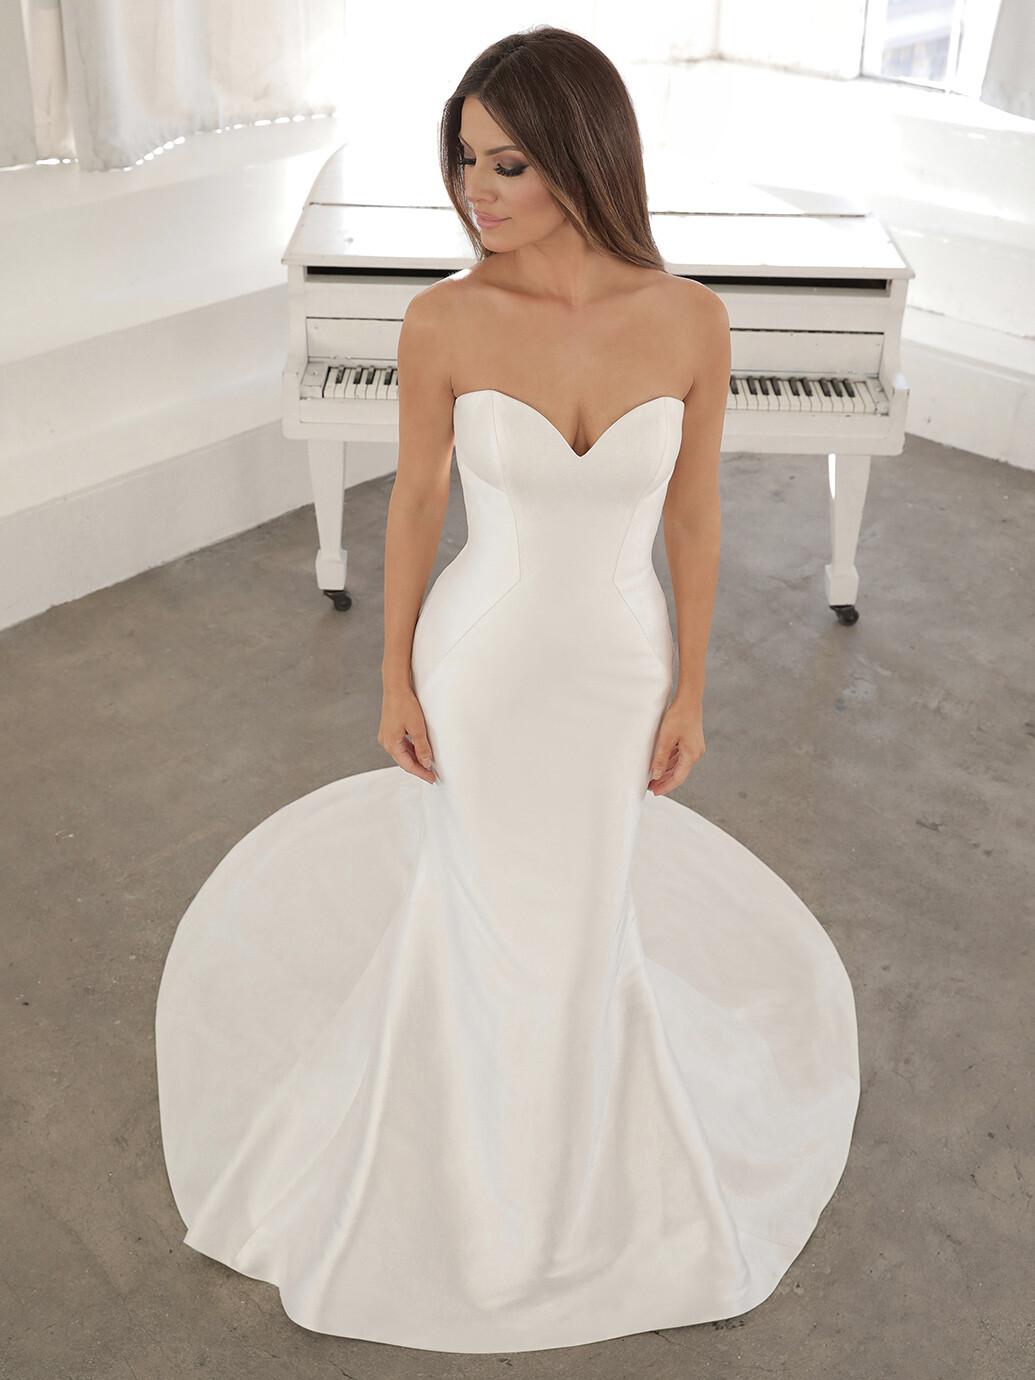 Puristisches Hochzeitskleid mit schulterfreiem Sweetheart-Ausschnitt und Schleppe mit Schleife von Blue by Enzoani, Modell Nanelle